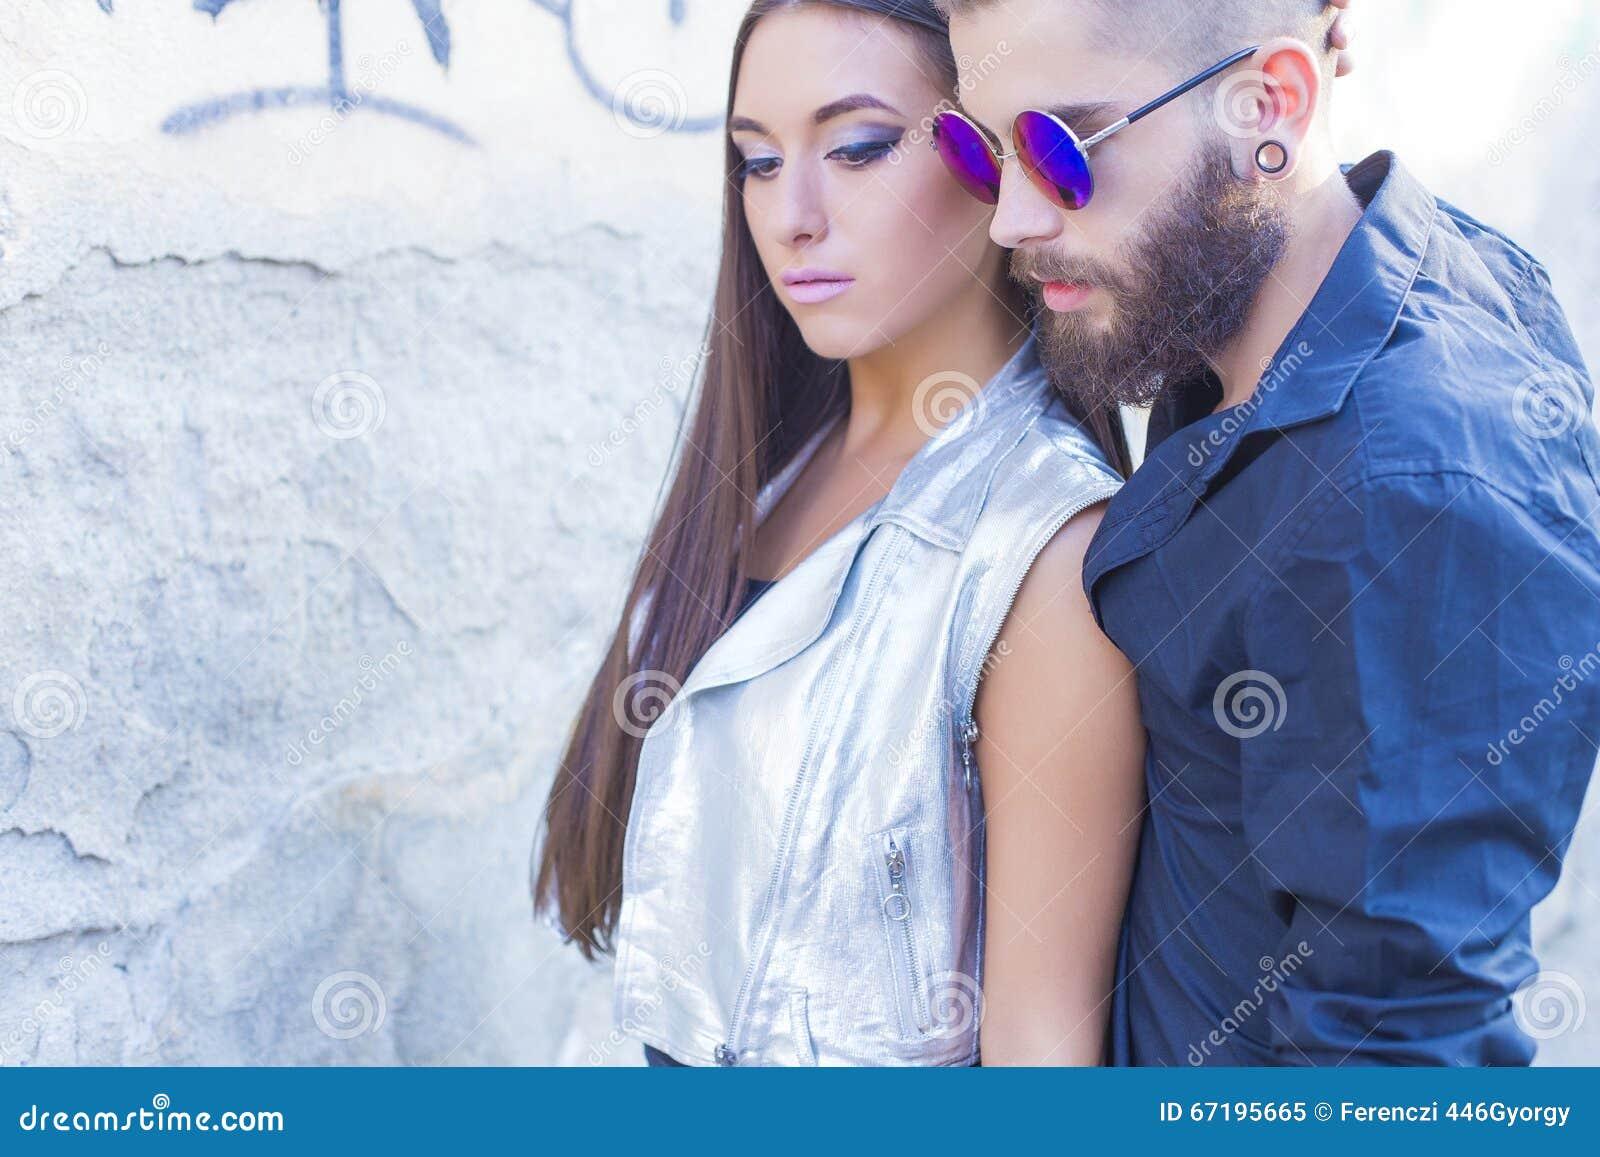 snob dating